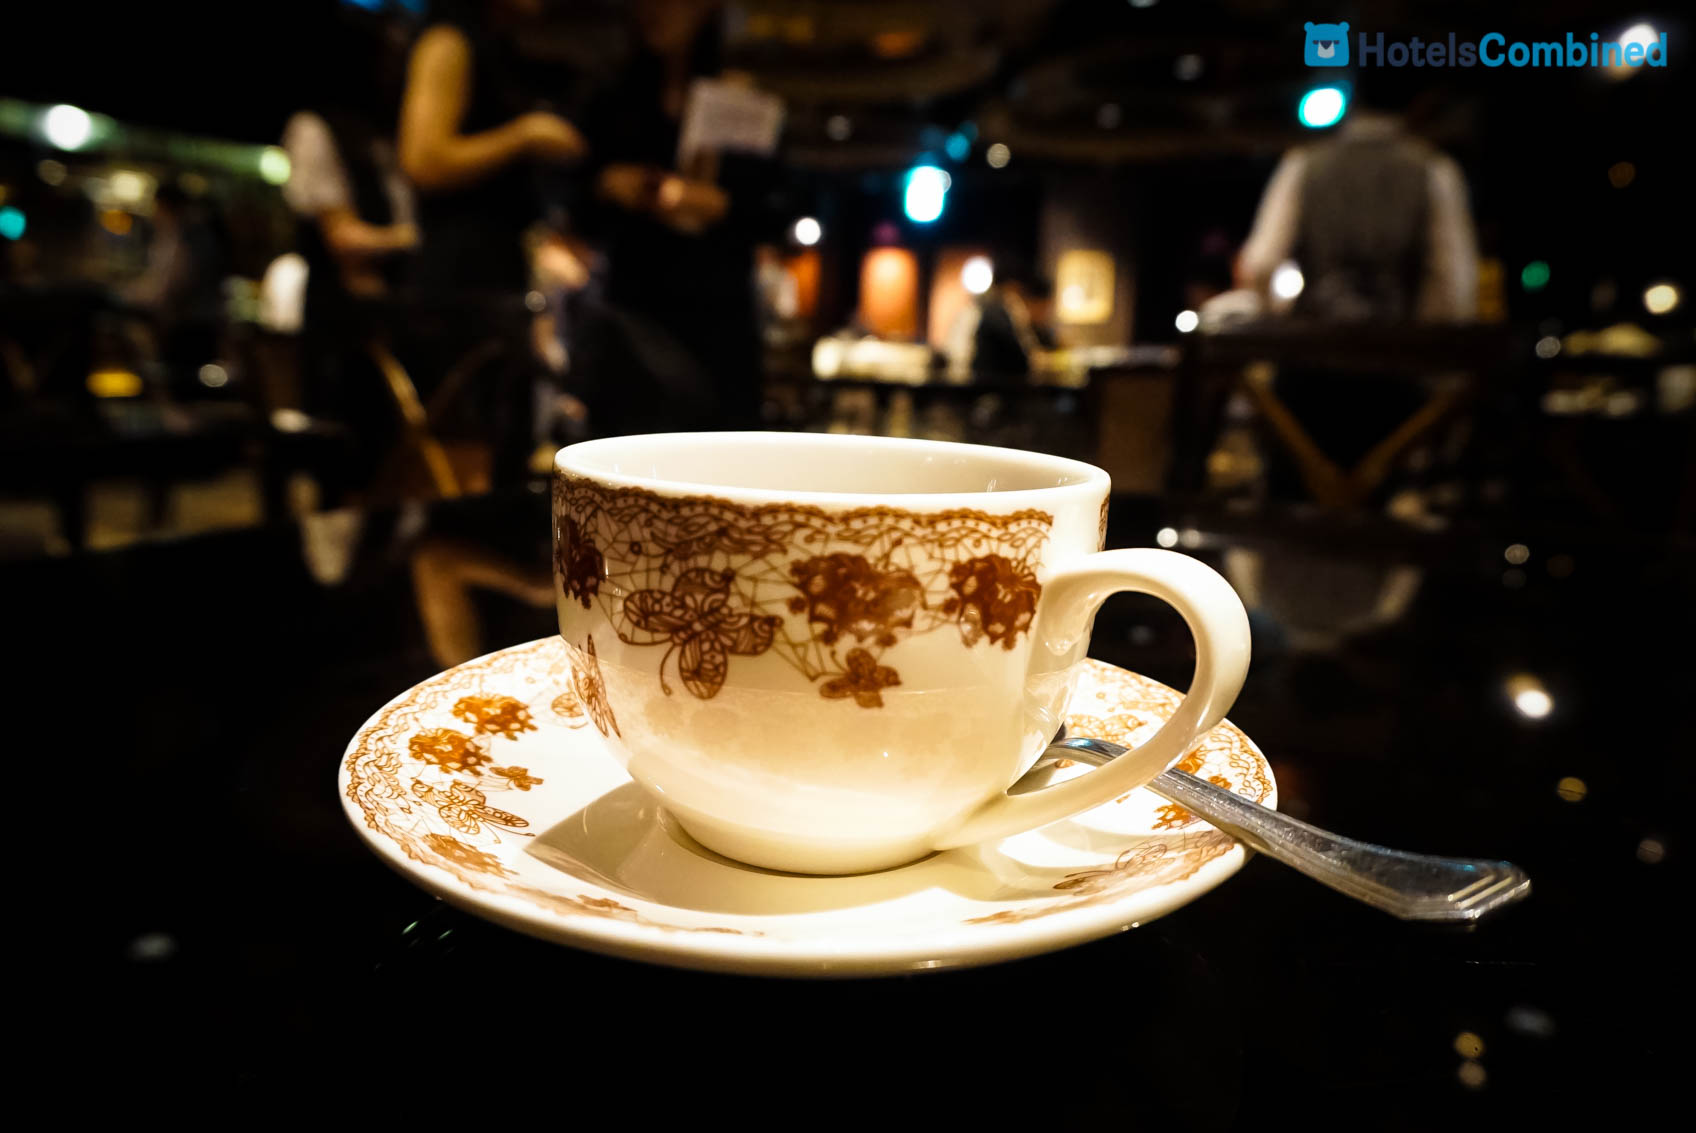 มาที่โต๊ะพนักงานจะถามว่า จะรับชาหรือกาแฟดีคะ